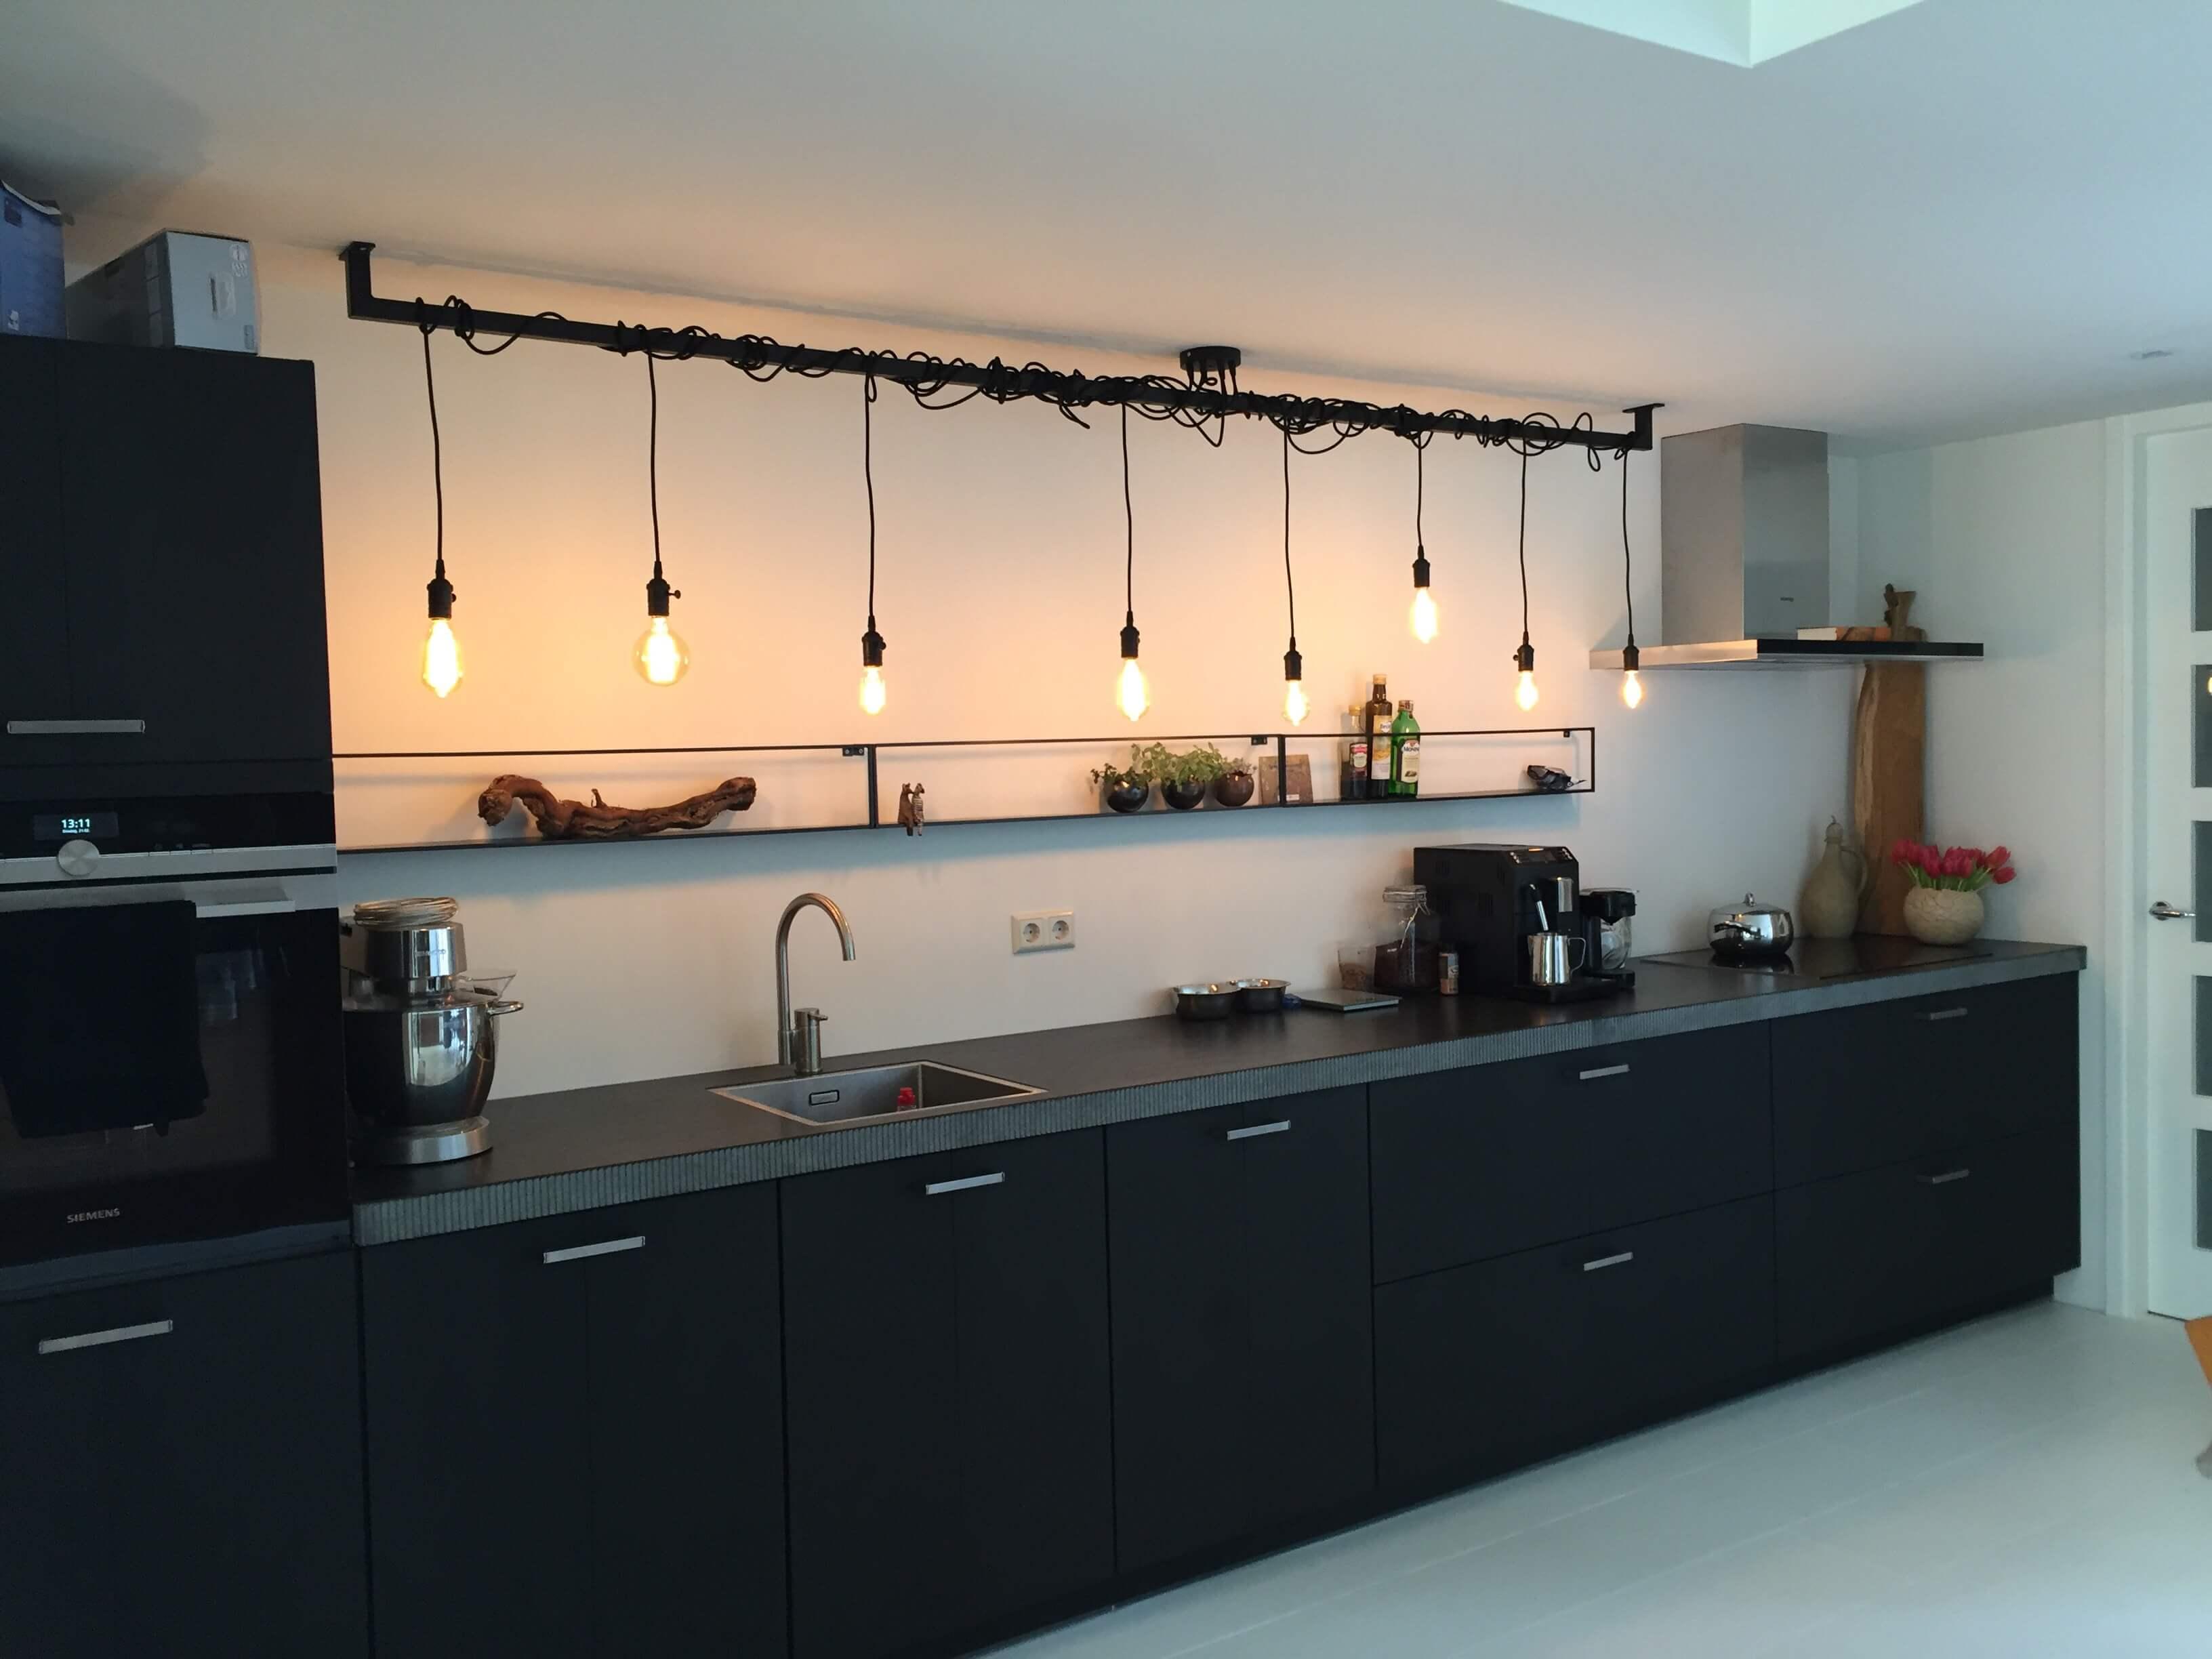 Industri le keuken of eettafel lamp kopen opvallend industrieel design - Keuken industriele loft ...